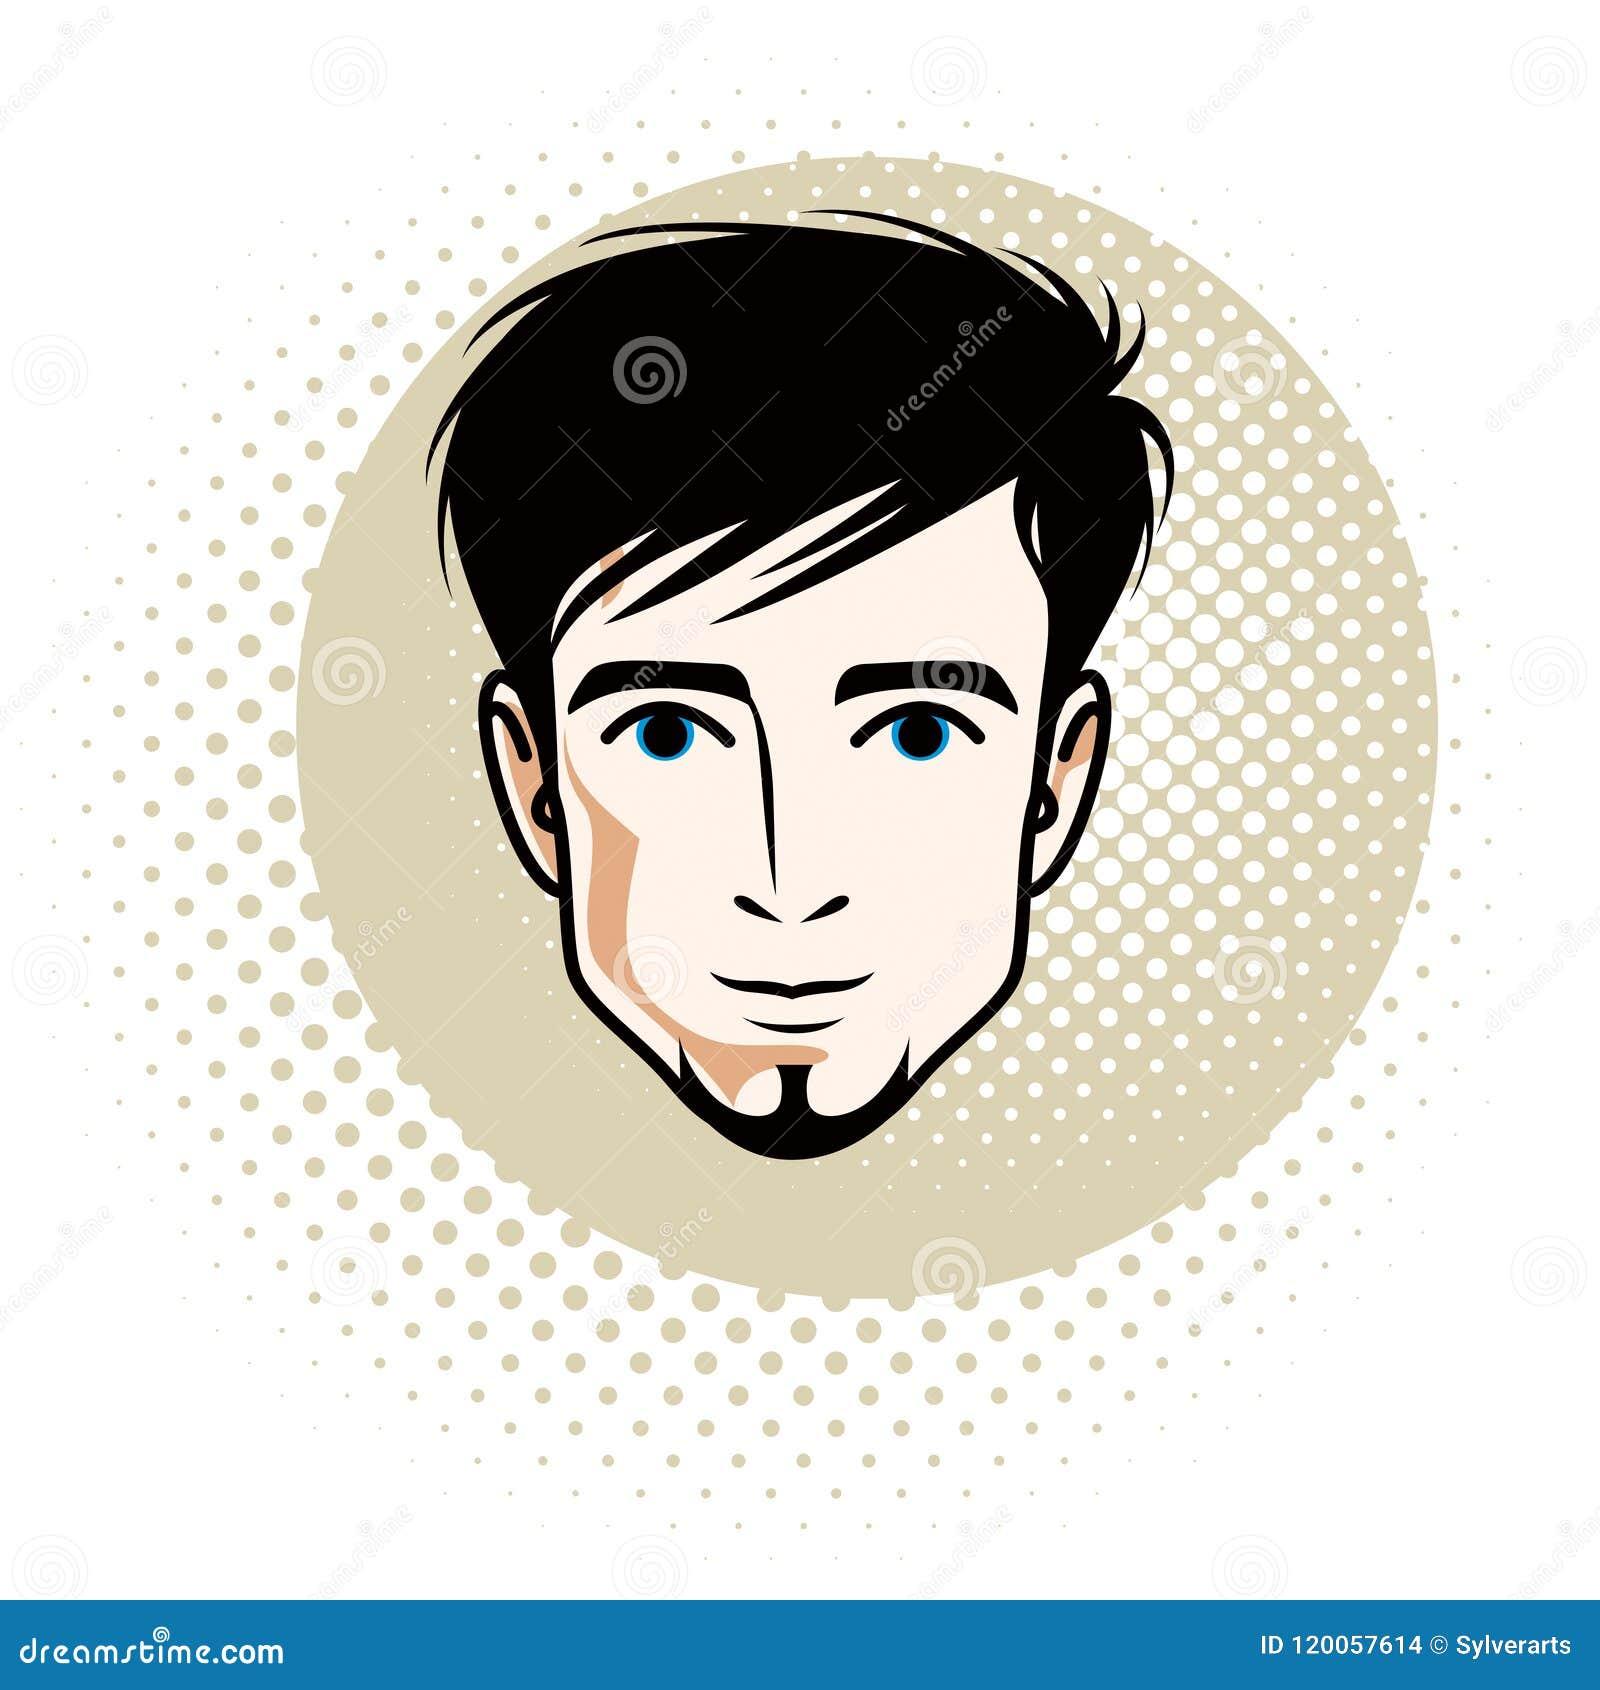 Καυκάσιο πρόσωπο ατόμων που εκφράζει τις θετικές συγκινήσεις, διανυσματικός ανθρώπινος αυτός